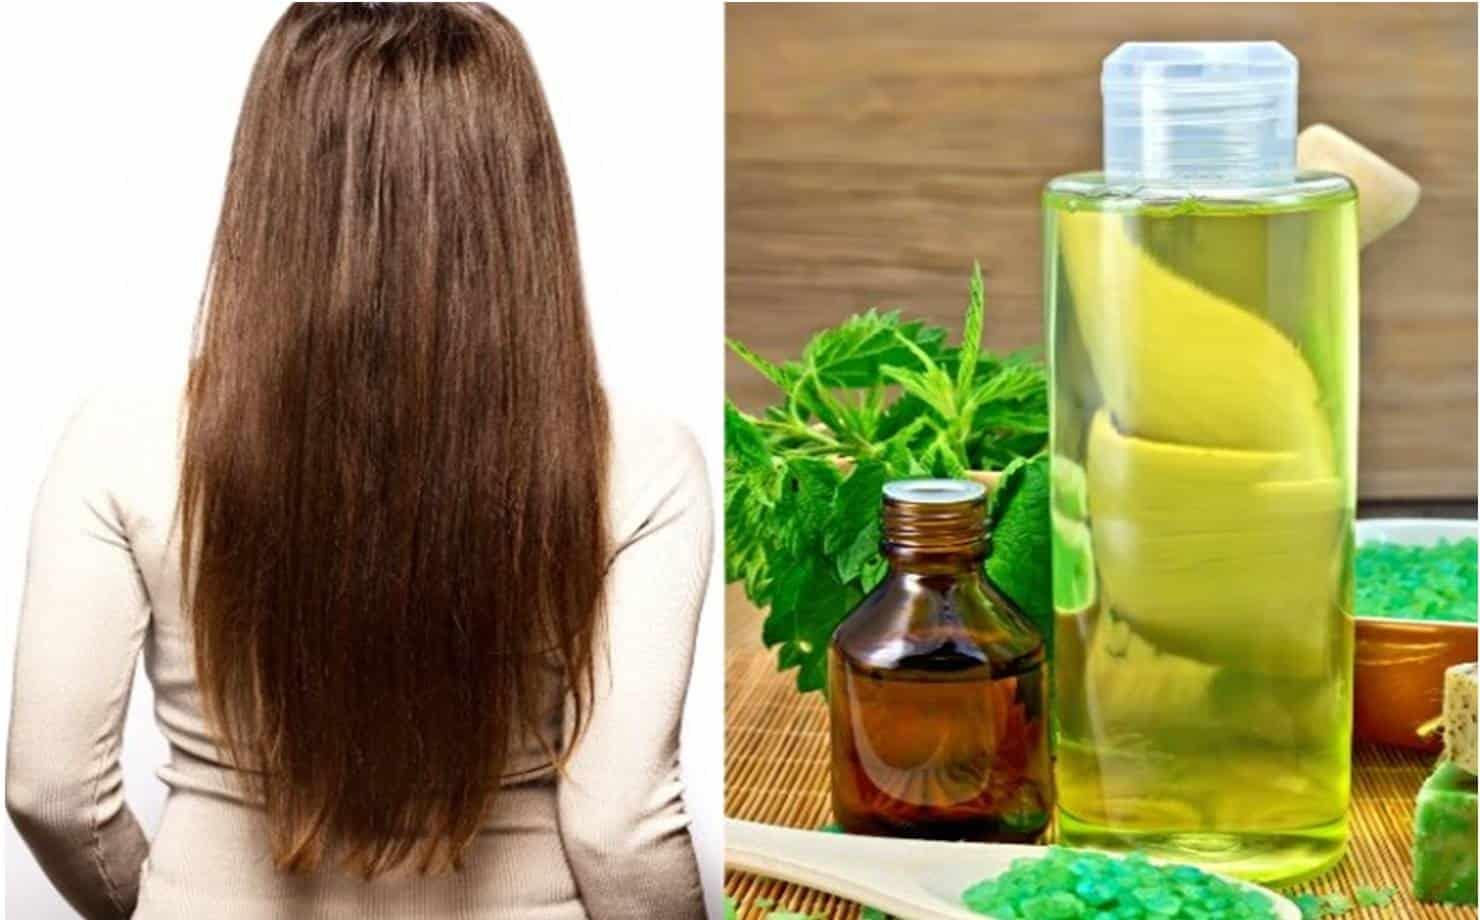 Shampoo de Linhaça e Aloe Vera para ajudar a crescer seu cabelo